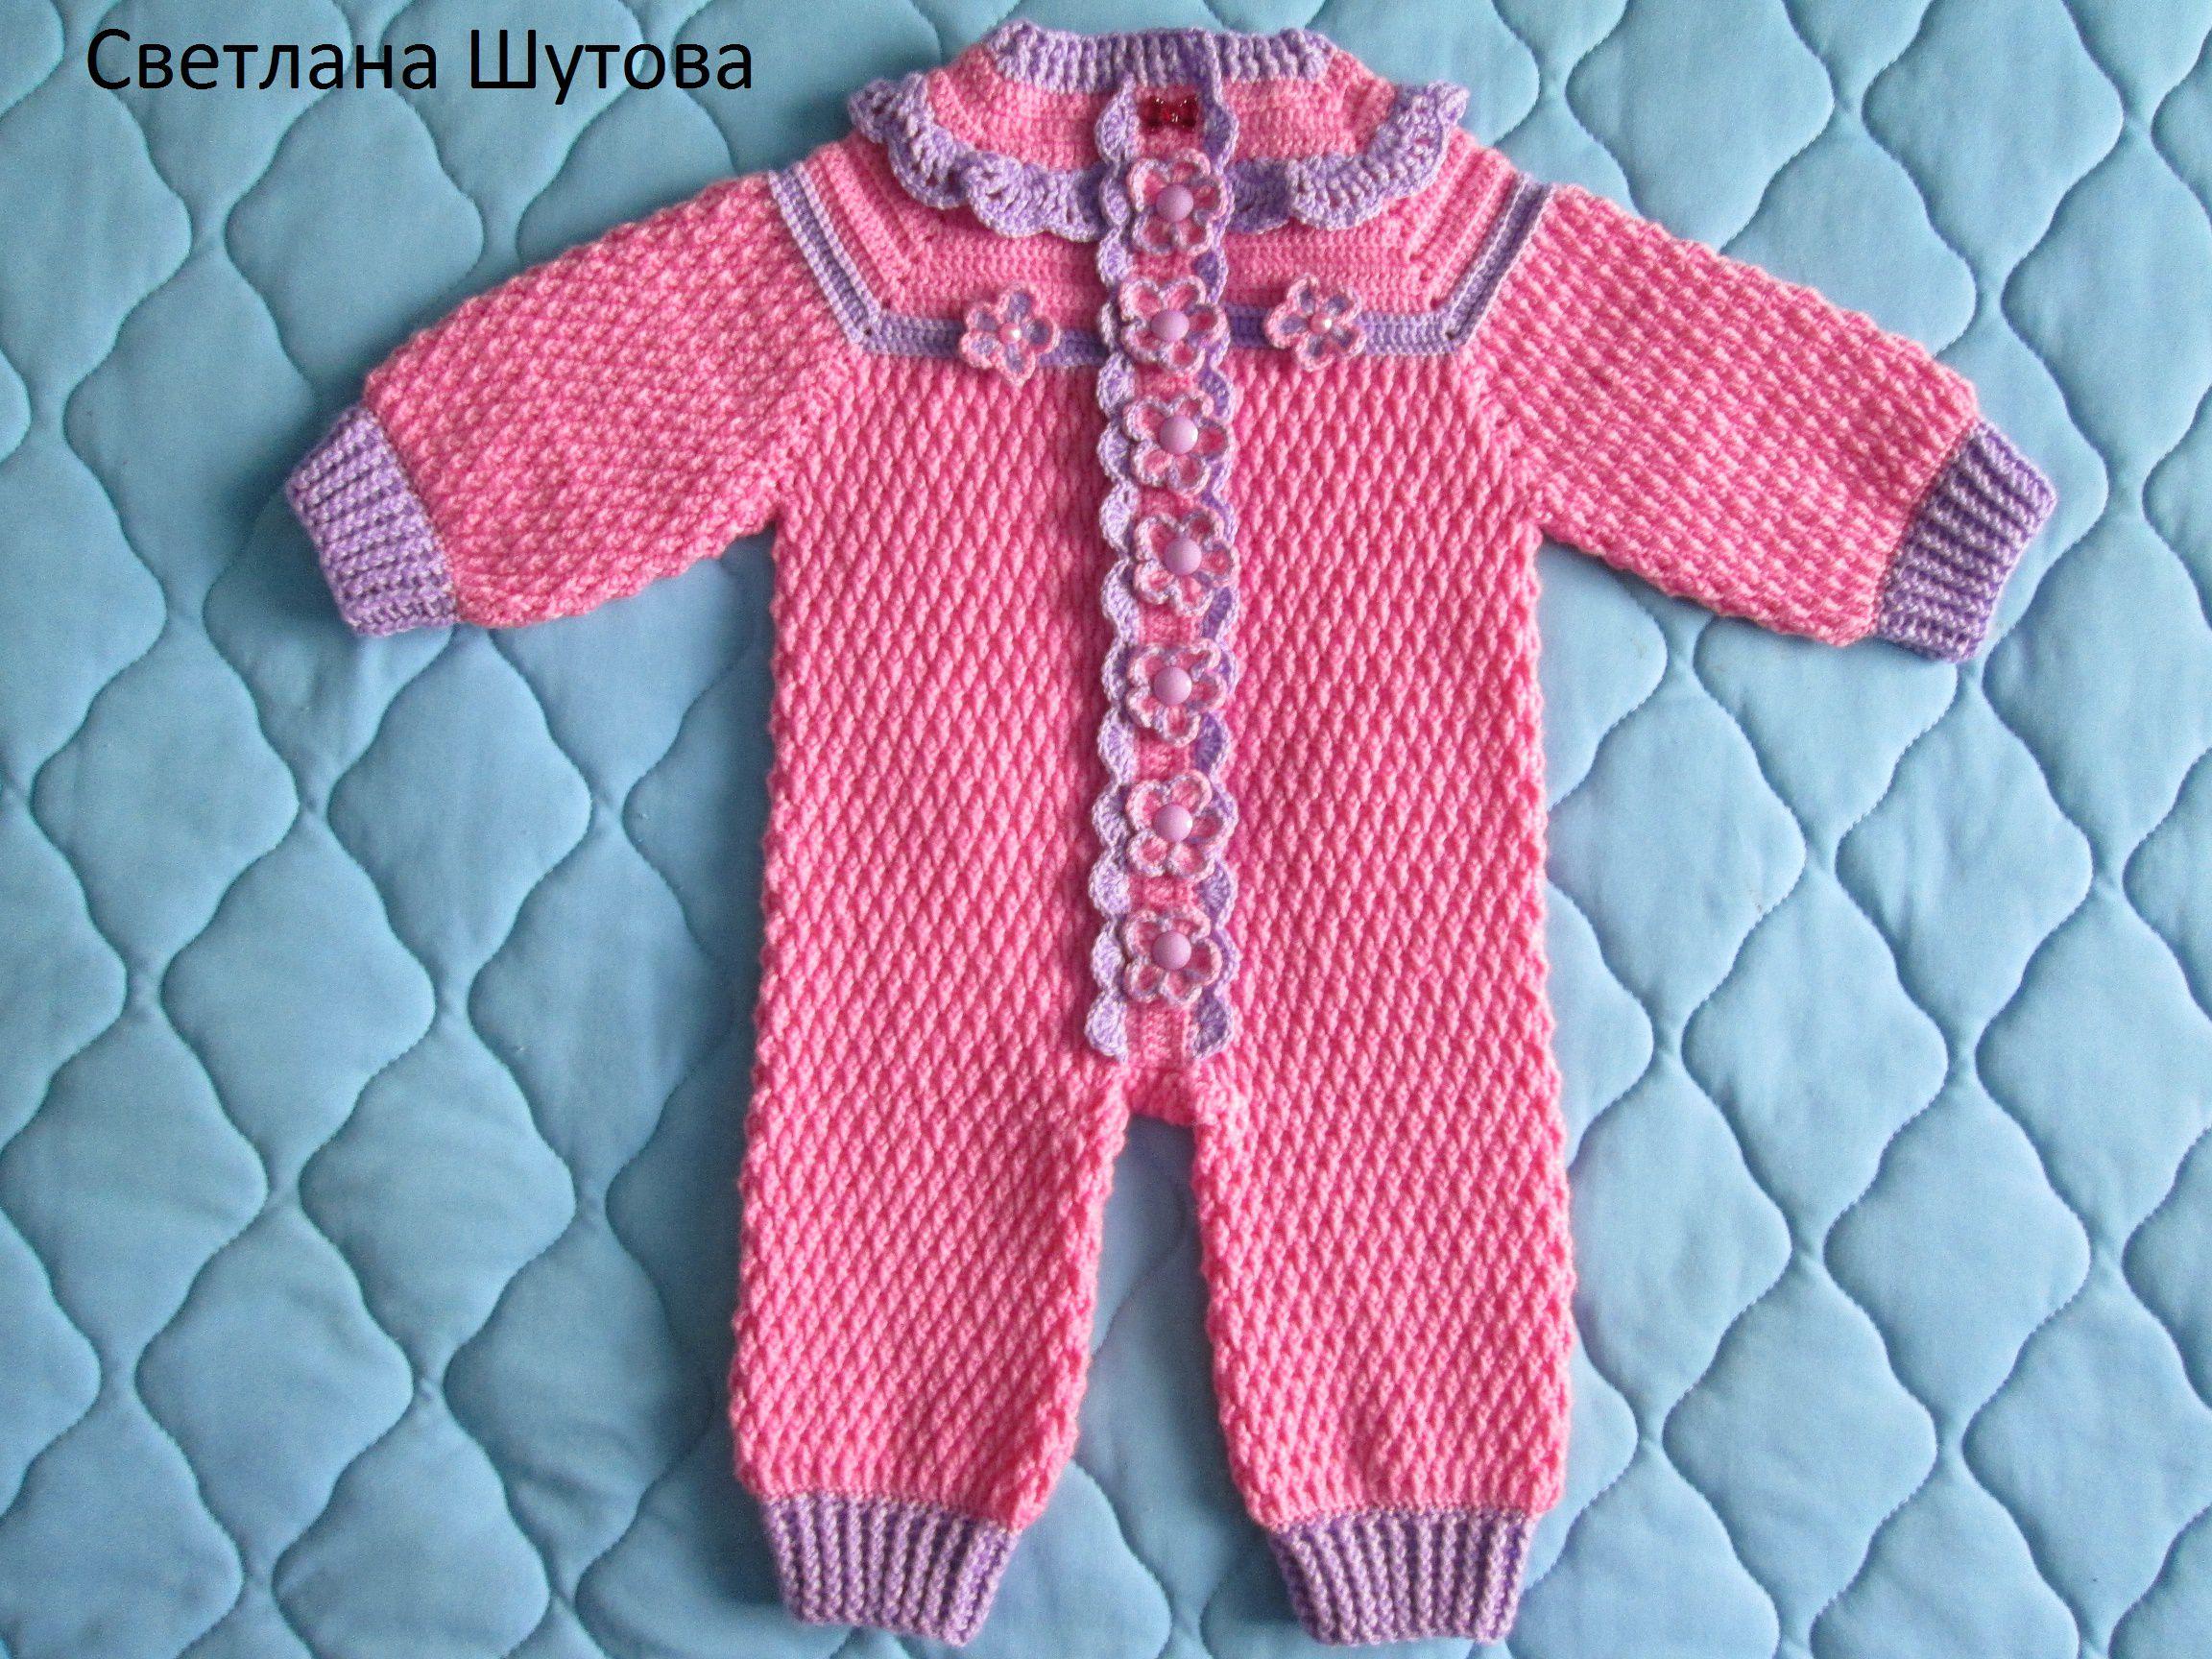 ручнаяработа дети вязание новорождённым комбинезон одежда крючком